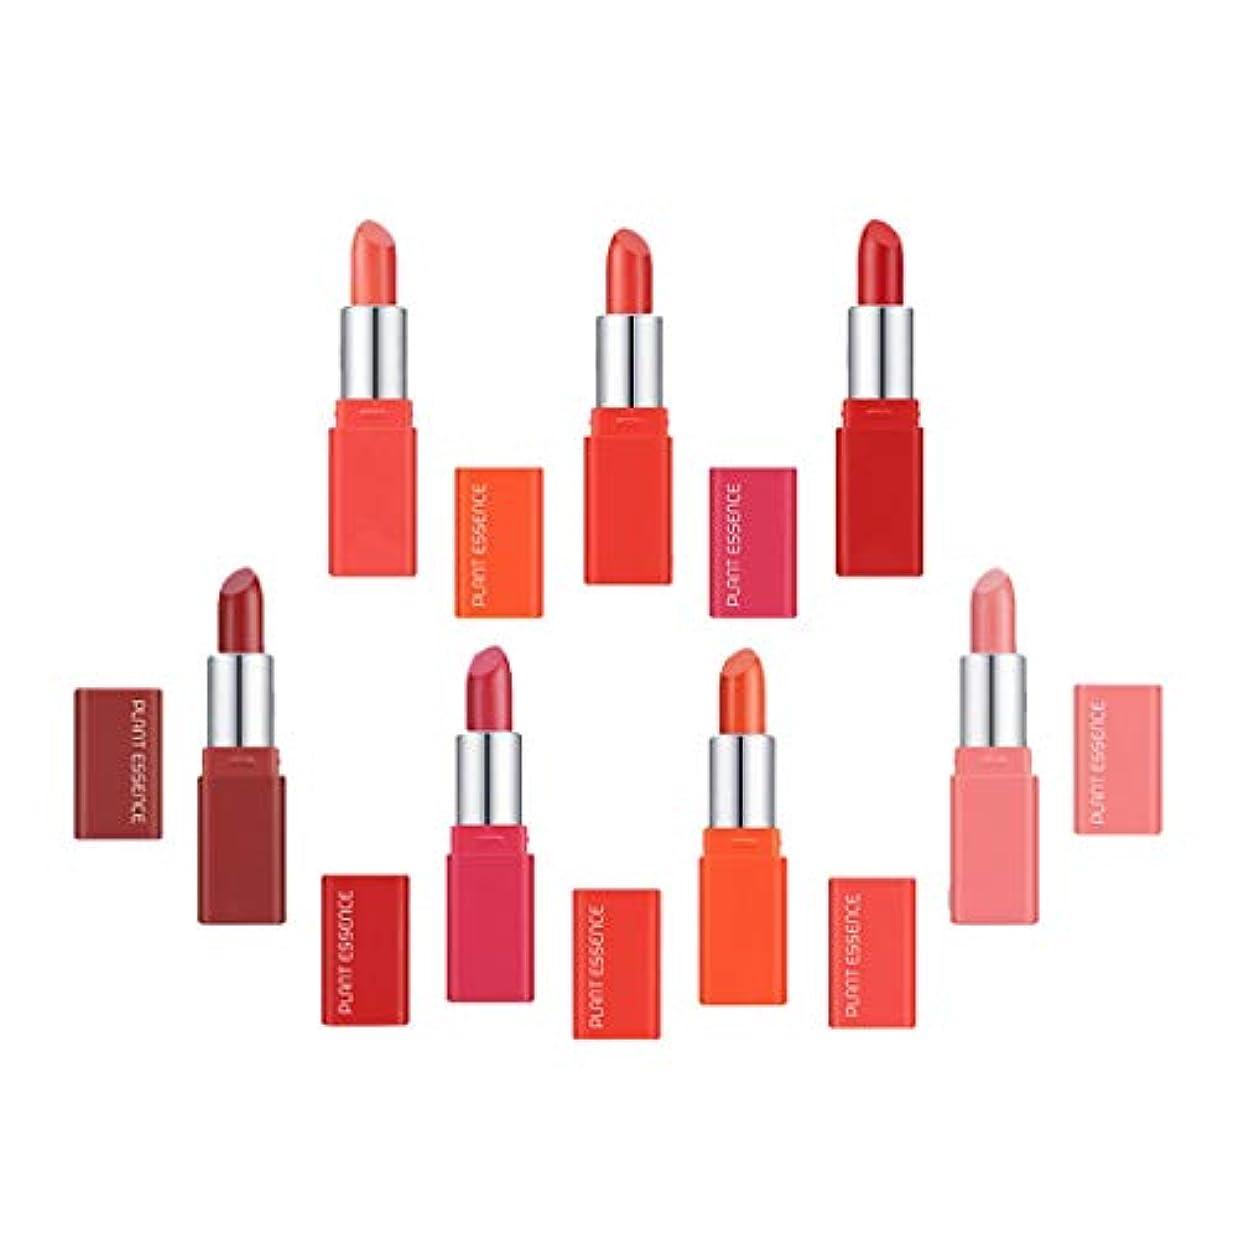 作り上げる銀見落とすCUTICATE リップライナー セット 口紅 赤 リップグロス シャイニーピンク メイクアップ 唇メイク 用品 7色セット